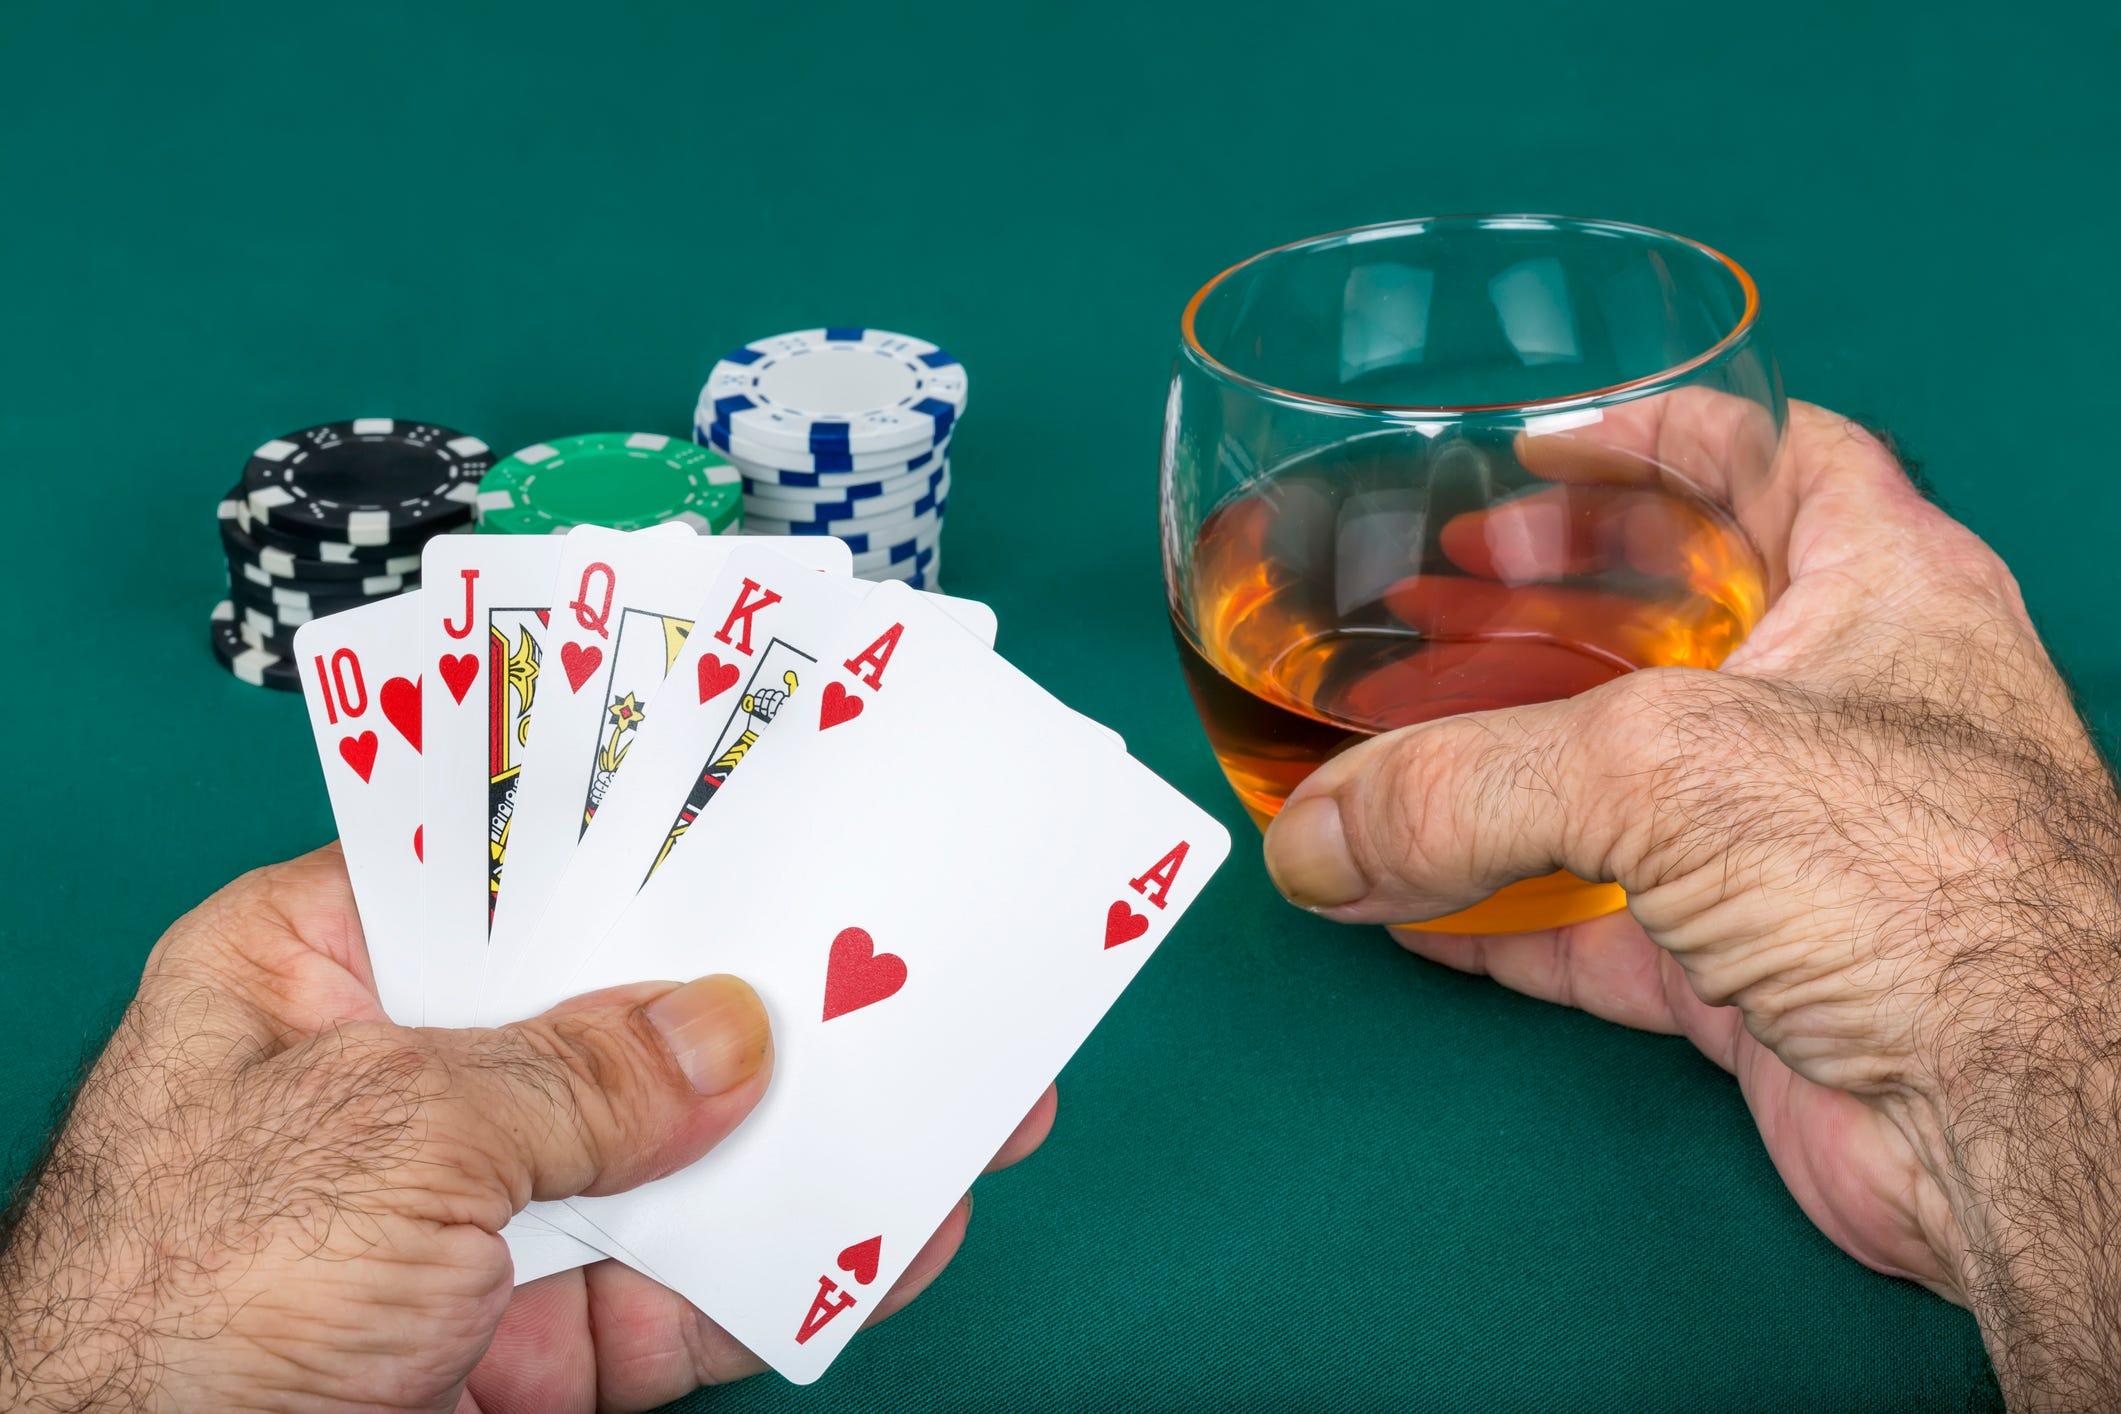 Free drinks at casinos michigan gambling wordpress